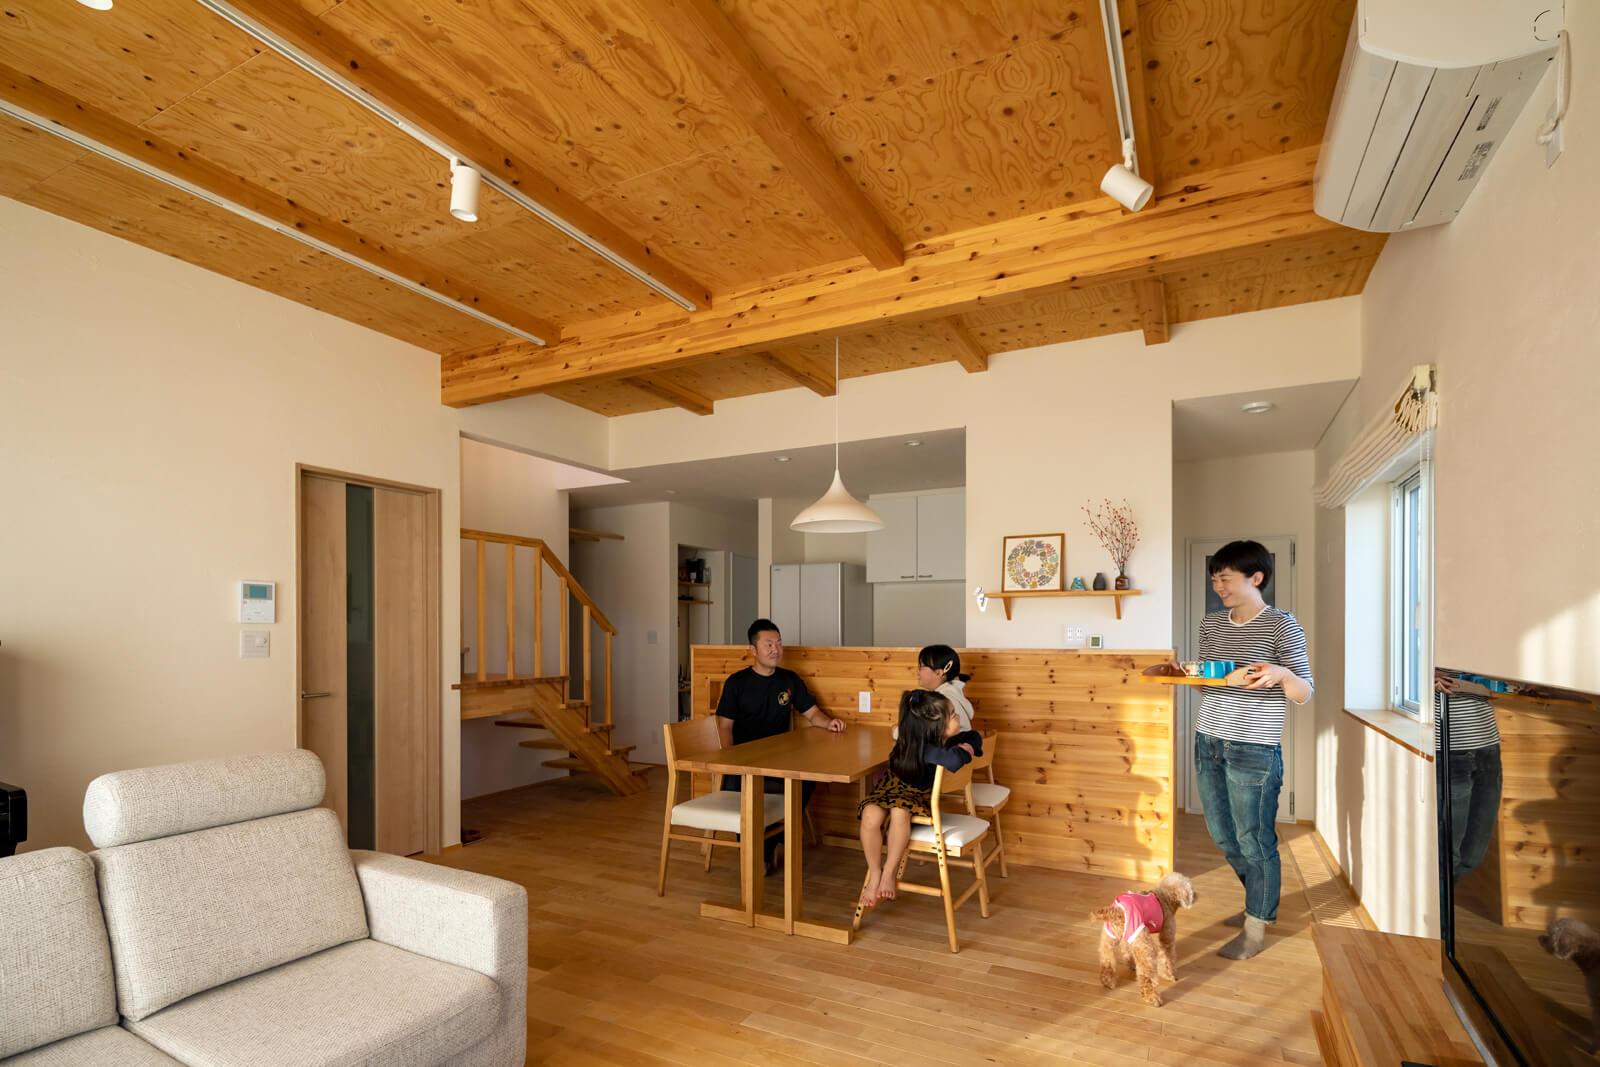 奥さん理想の「ロッジのような木の家」を叶えた木質感が心地よい家族が集うリビング・ダイニング